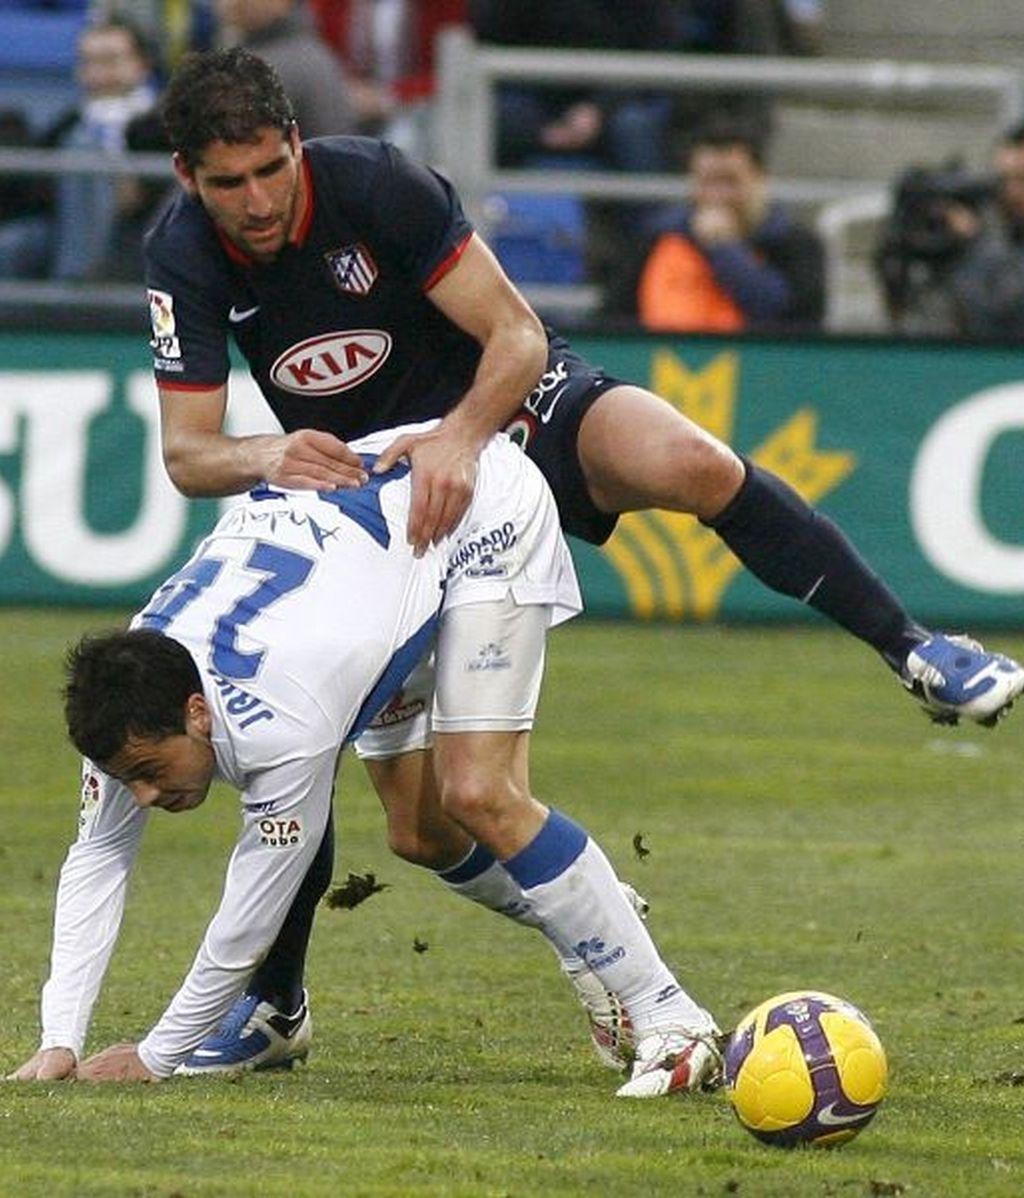 0-3. Atlético arrasó al ritmo de Kun y Forlán y en el debut de Abel